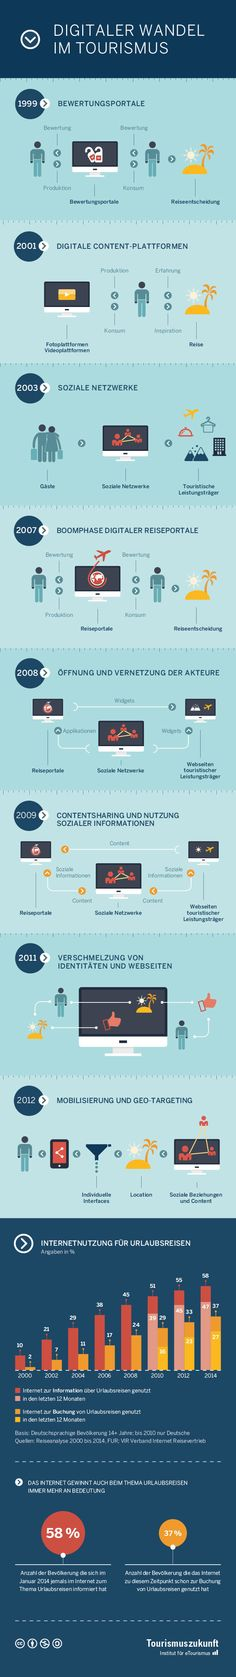 2802 WEB TZ Infografik Fachartikel 15 Jahre digitaler Wandel im Tourismus   eine Infografik